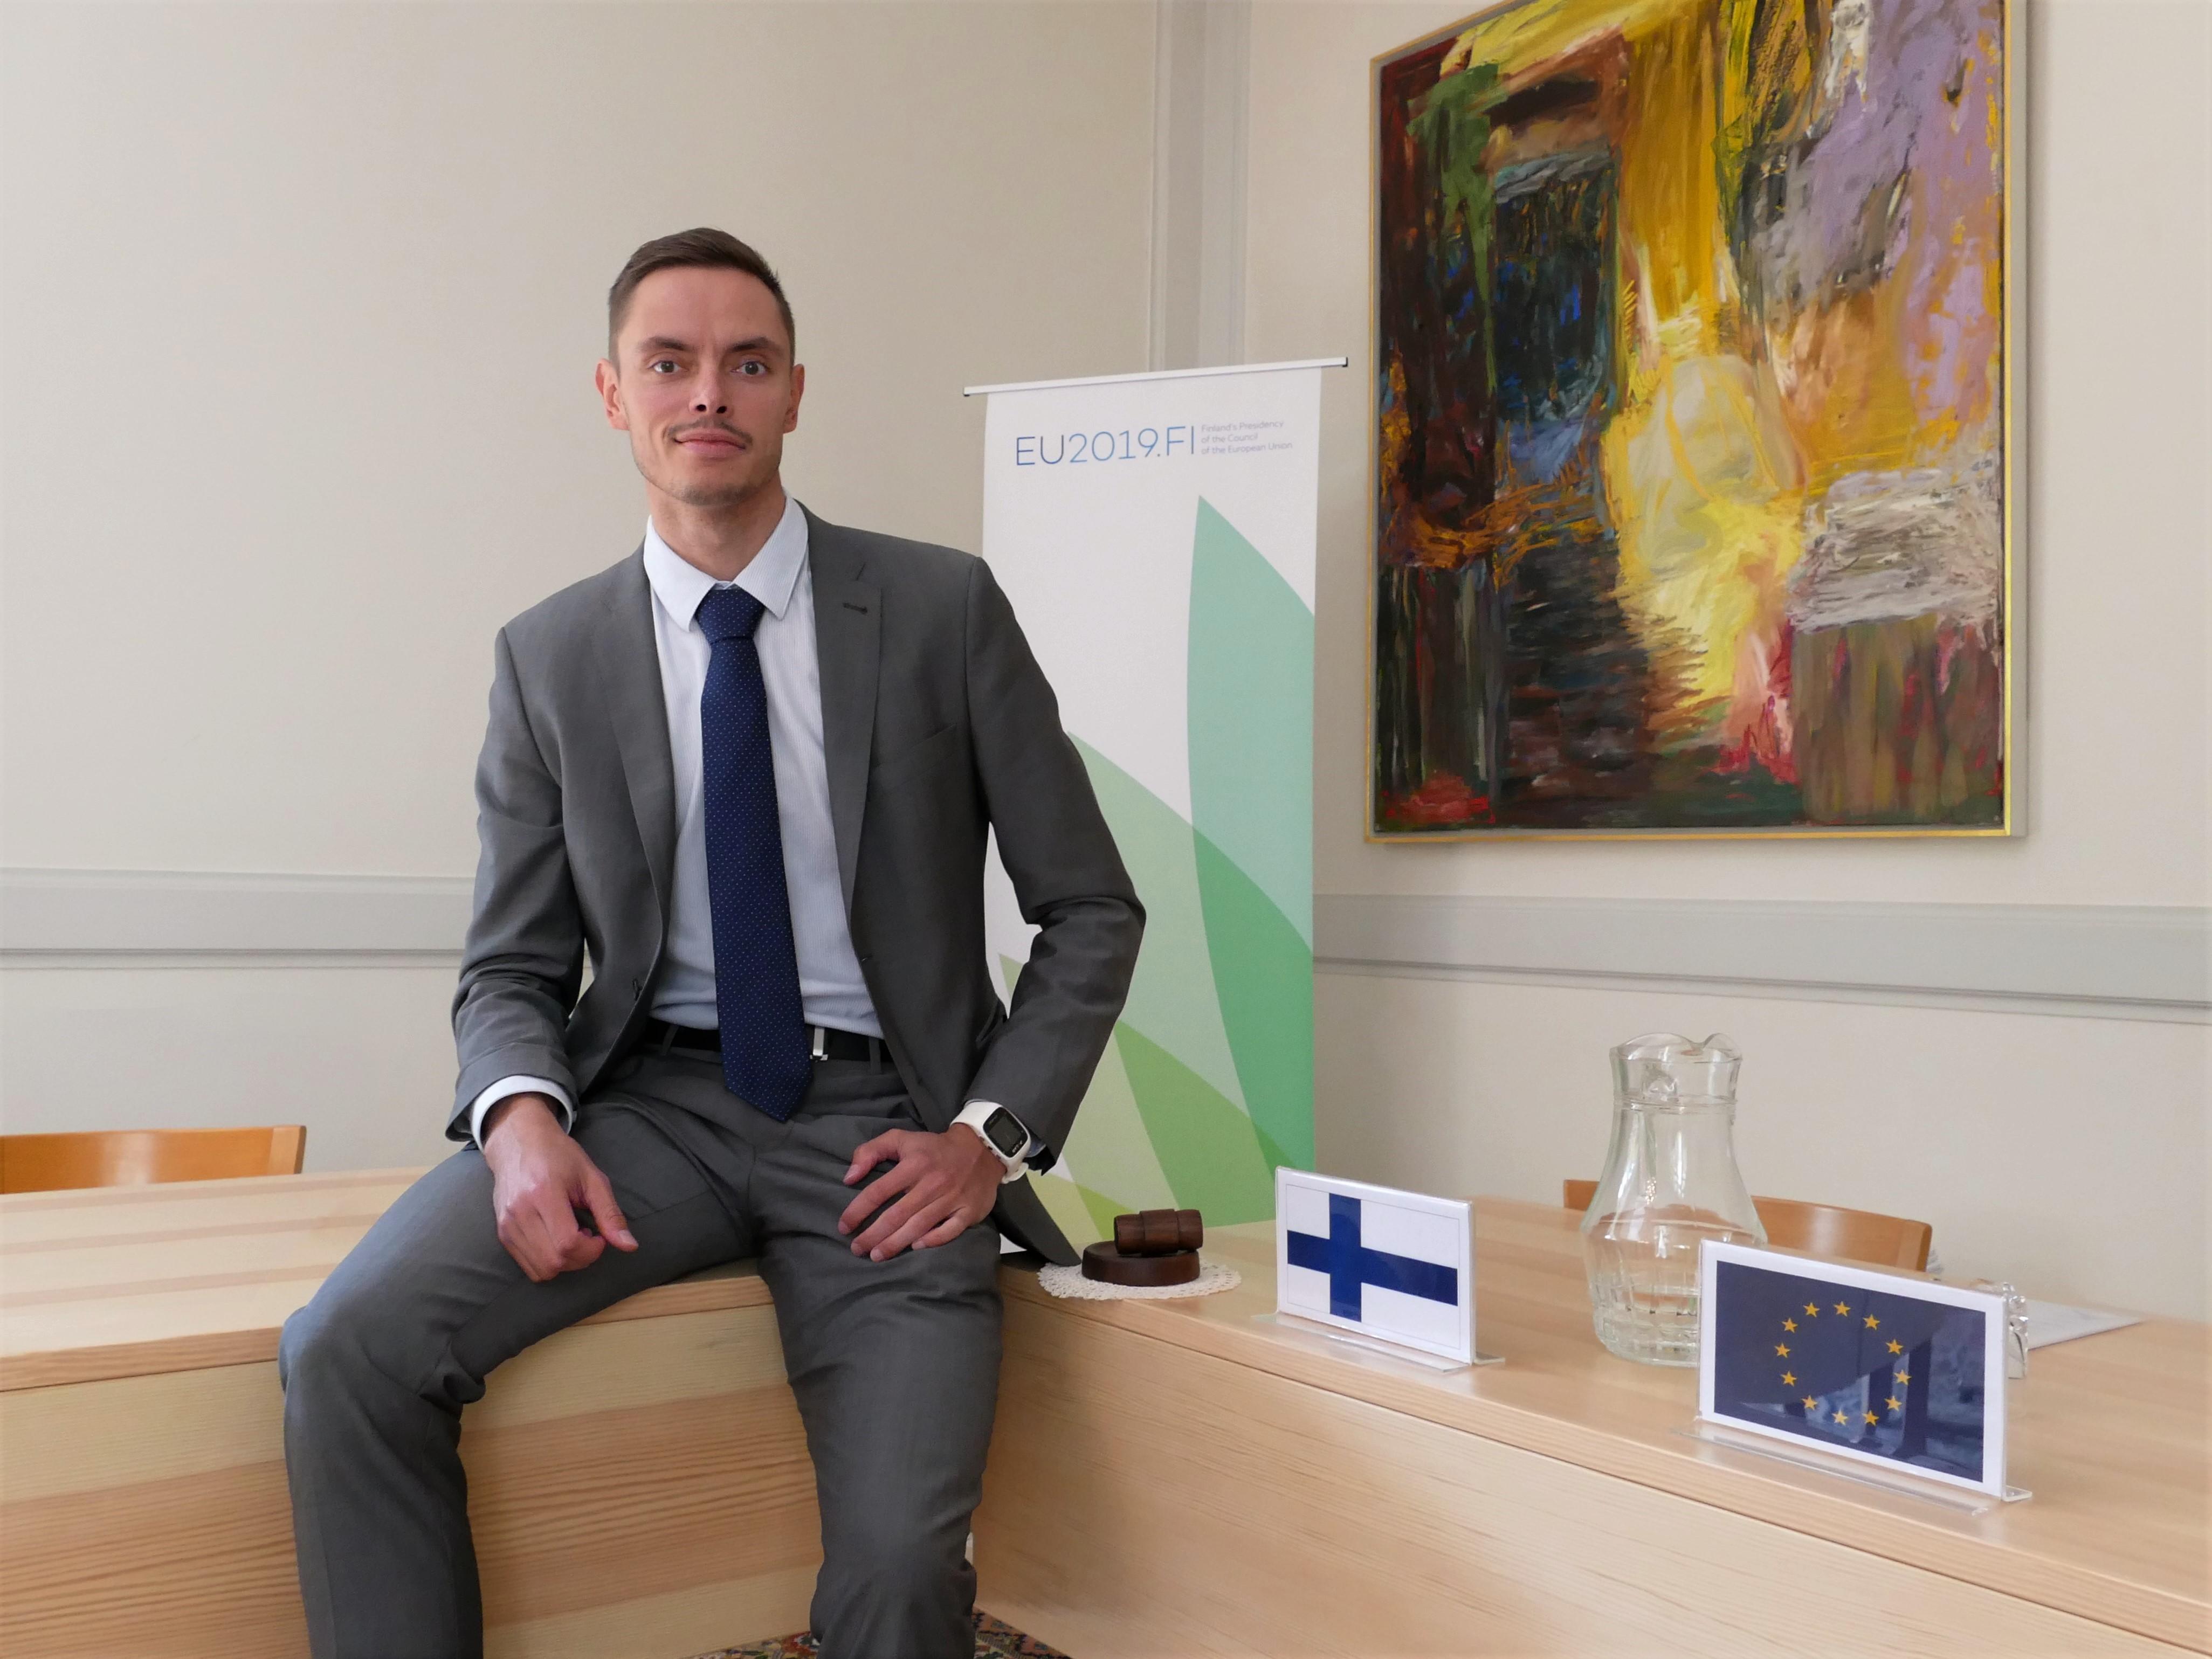 Suomen johtamissa EU-kokouksissa Teheranissa on riittänyt mielenkiintoisia aiheita keskusteltavaksi syksyn 2019 aikana. Kuva: Mikko Kangas